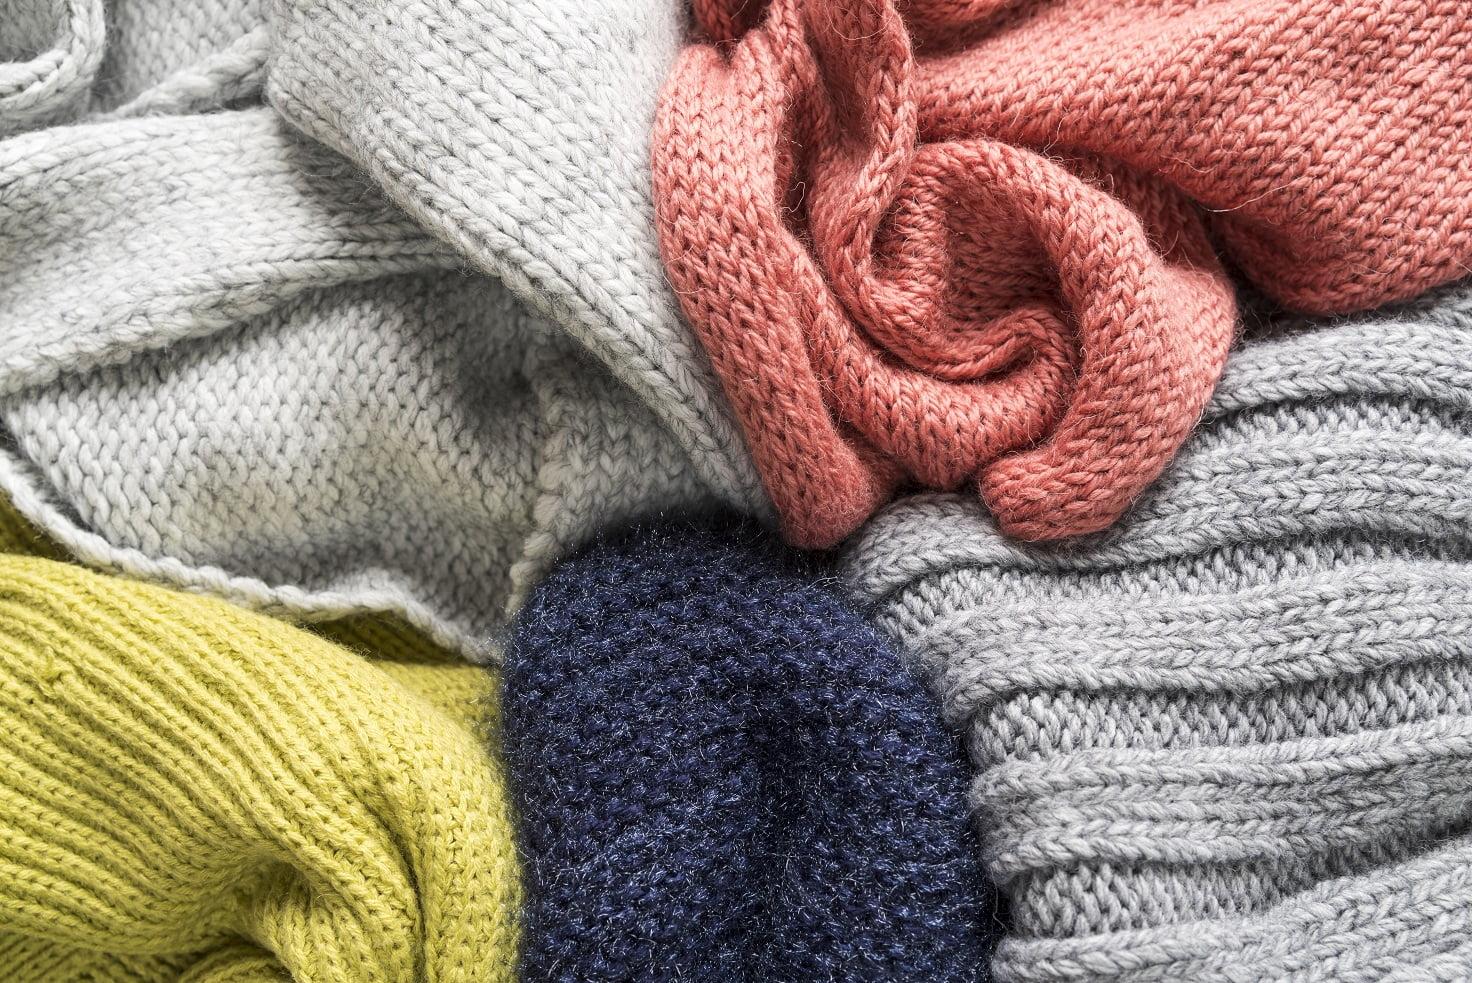 Ce este lana de merino si care sunt avantajele acesteia?